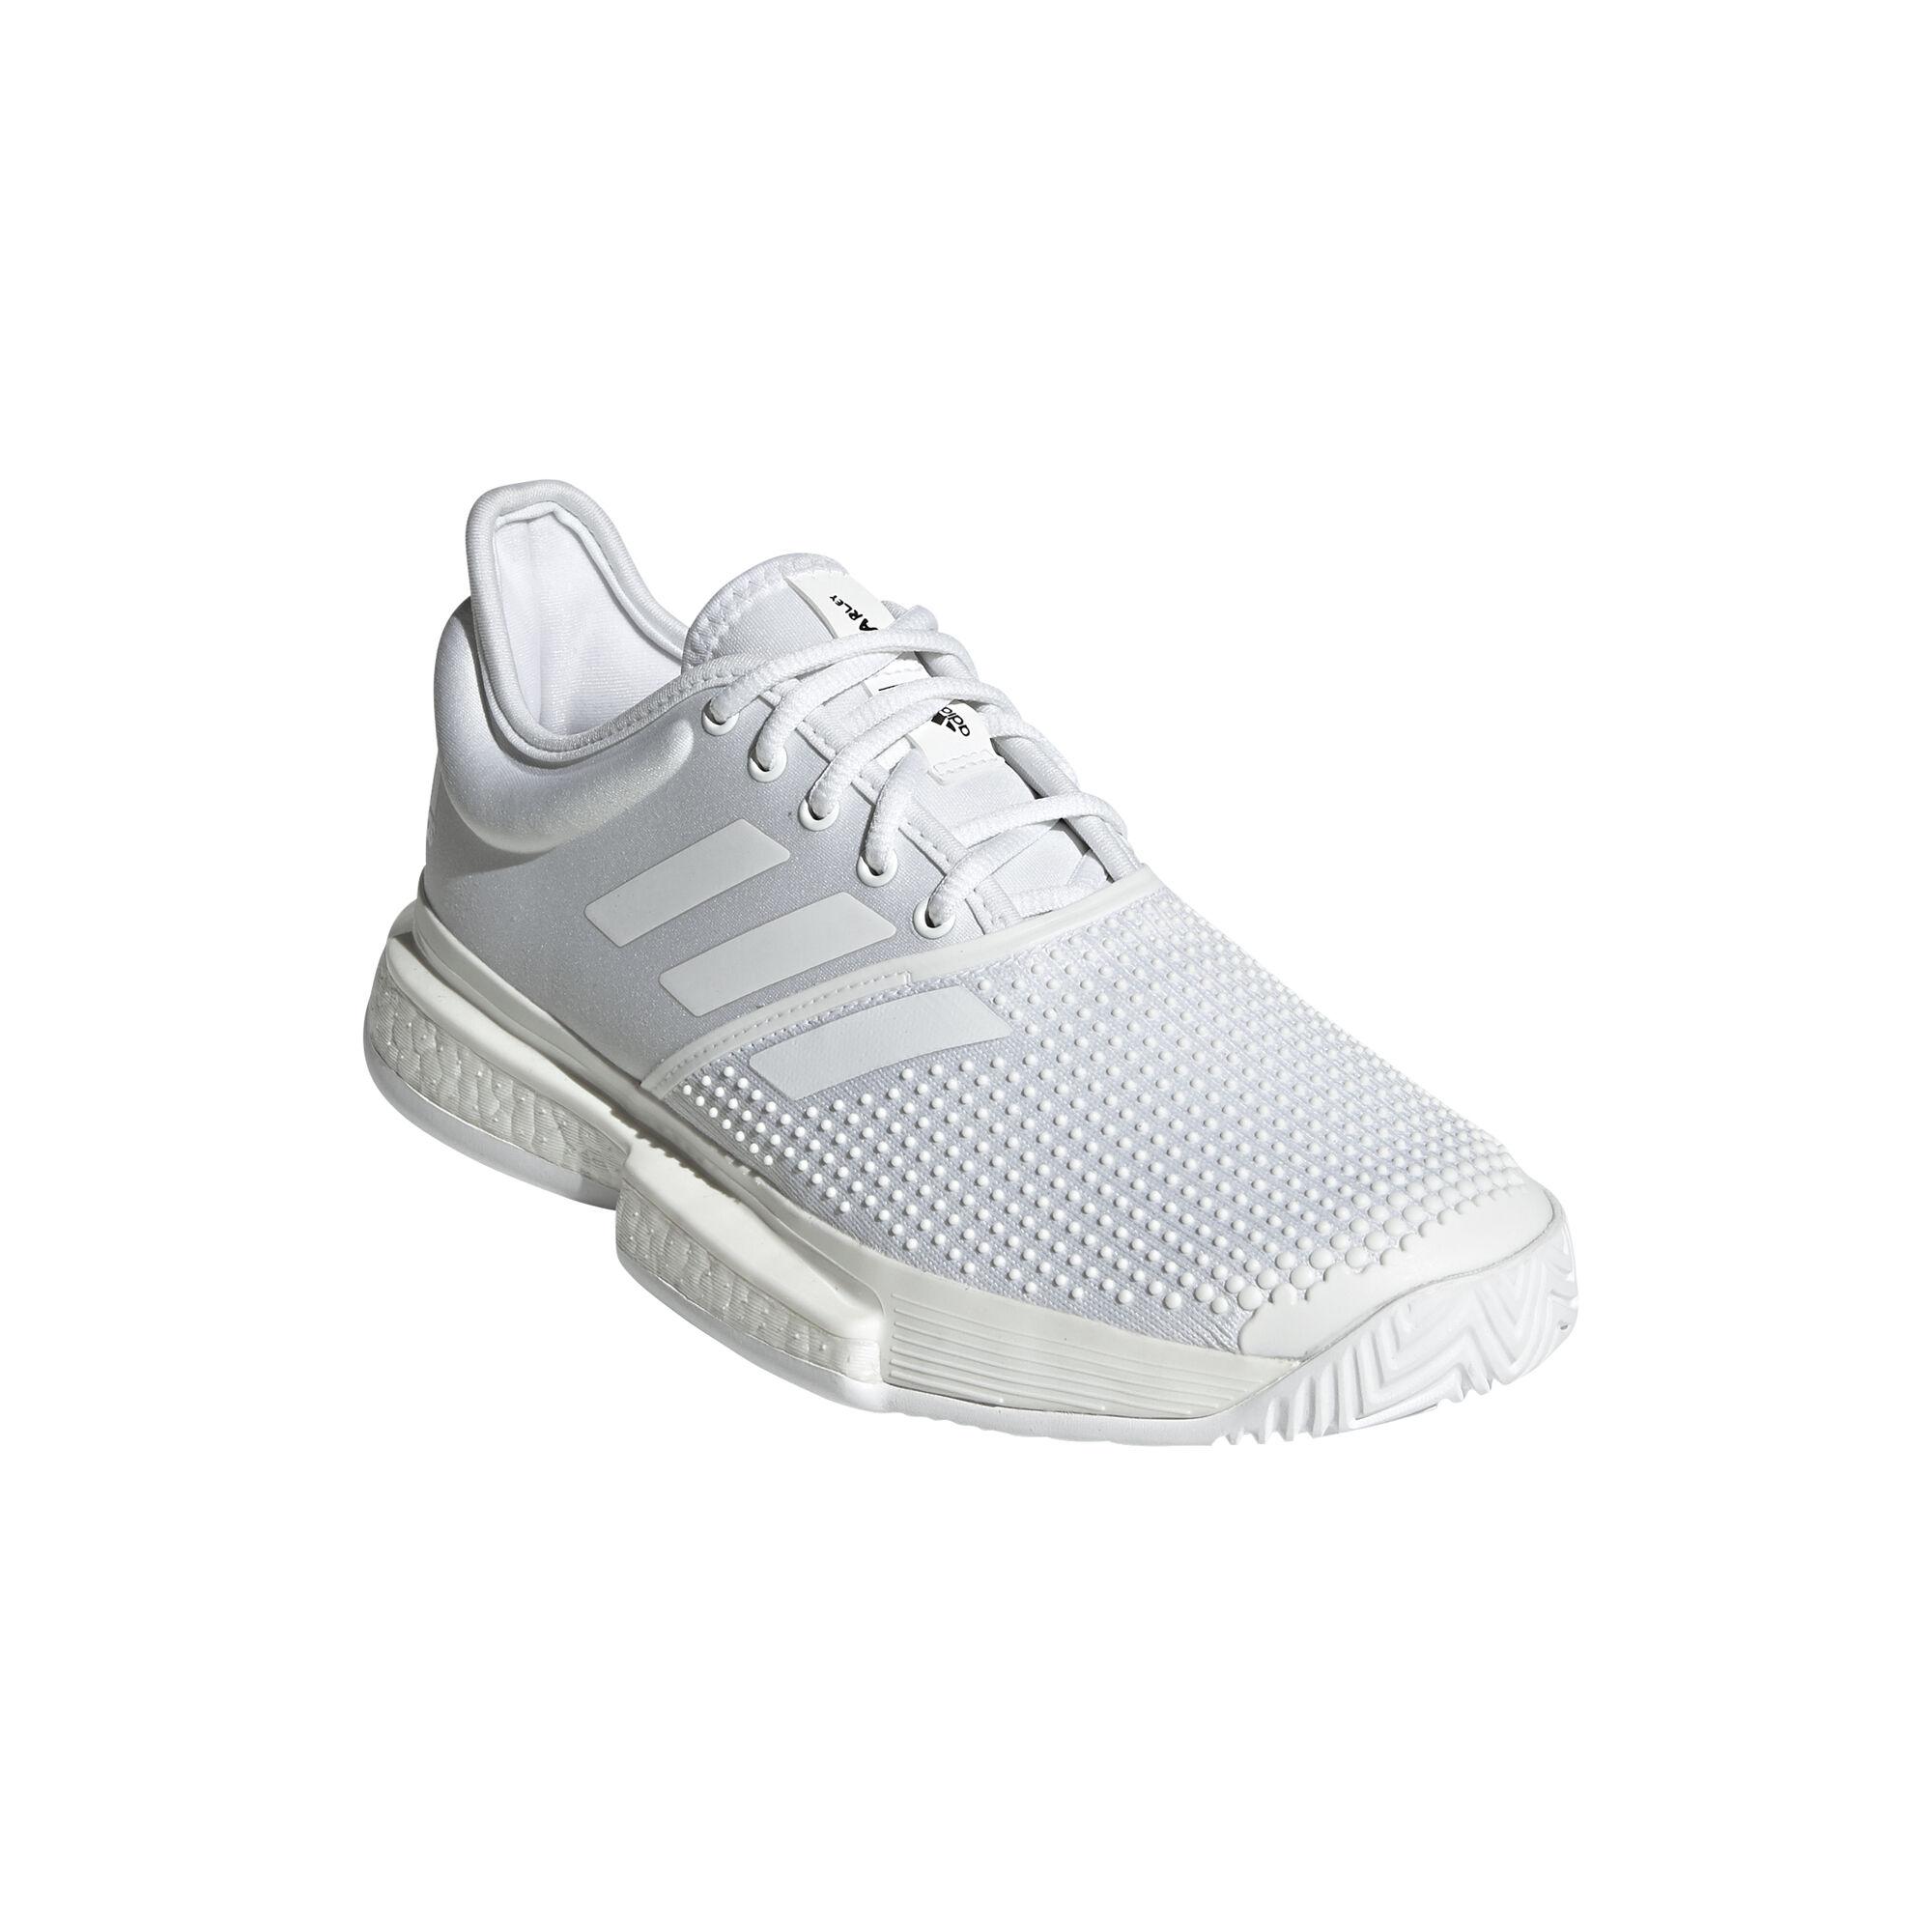 adidas Sole Court Boost X Parley Allcourtschuh Damen Weiß